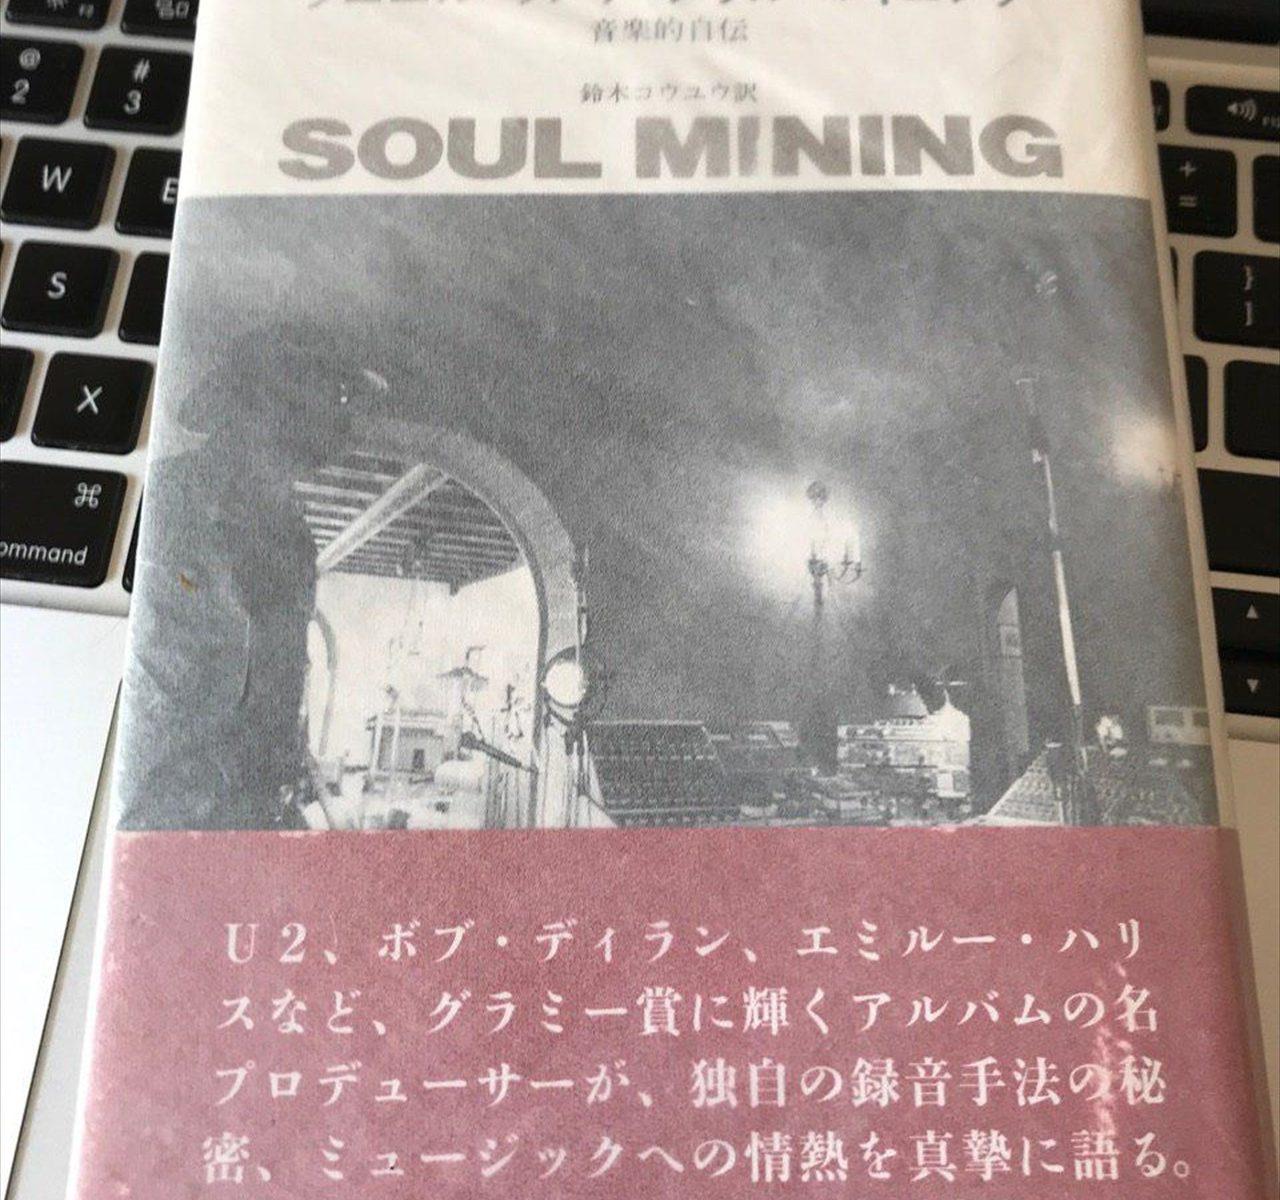 ダニエル・ラノワの自伝『ソウル・マイニング』